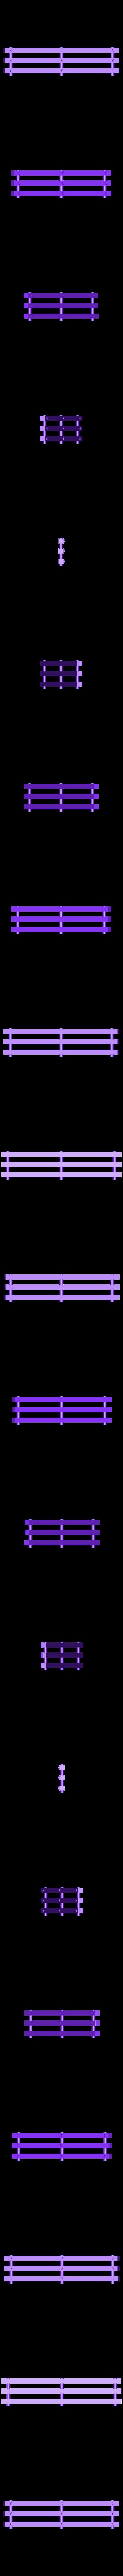 cage2.stl Télécharger fichier STL gratuit KustomWagon (en plusieurs pièces) • Objet imprimable en 3D, Savex